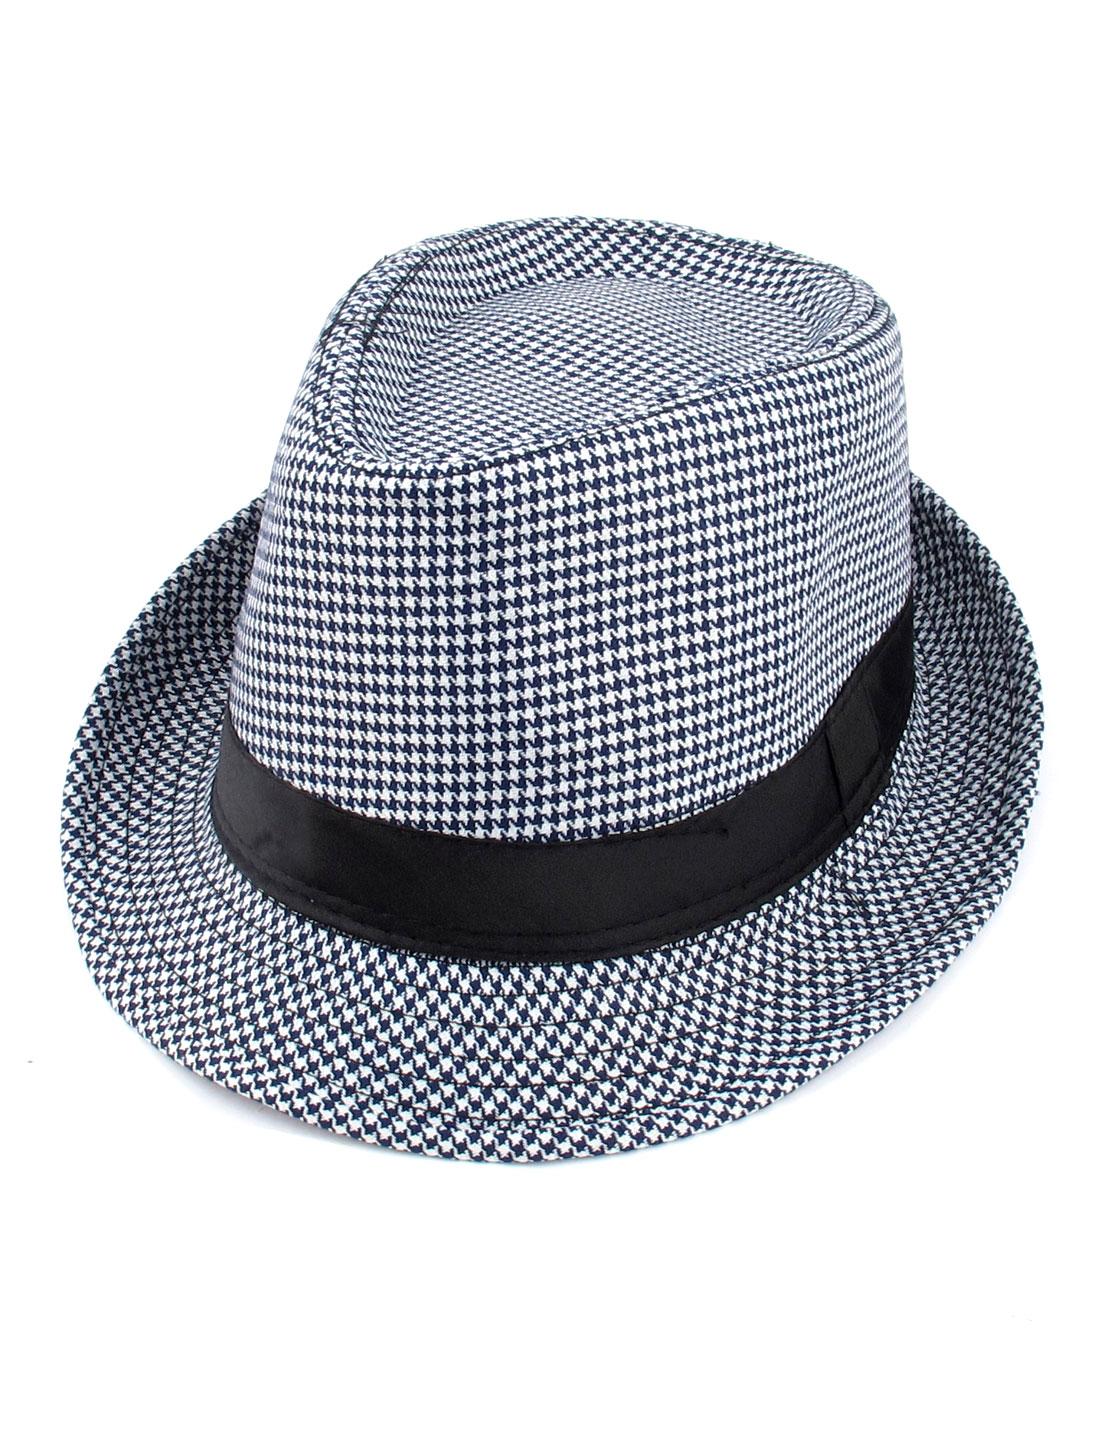 Unisex Black White Houndstooth Pattern Roller Brim Fedora Trilby Cap Hat